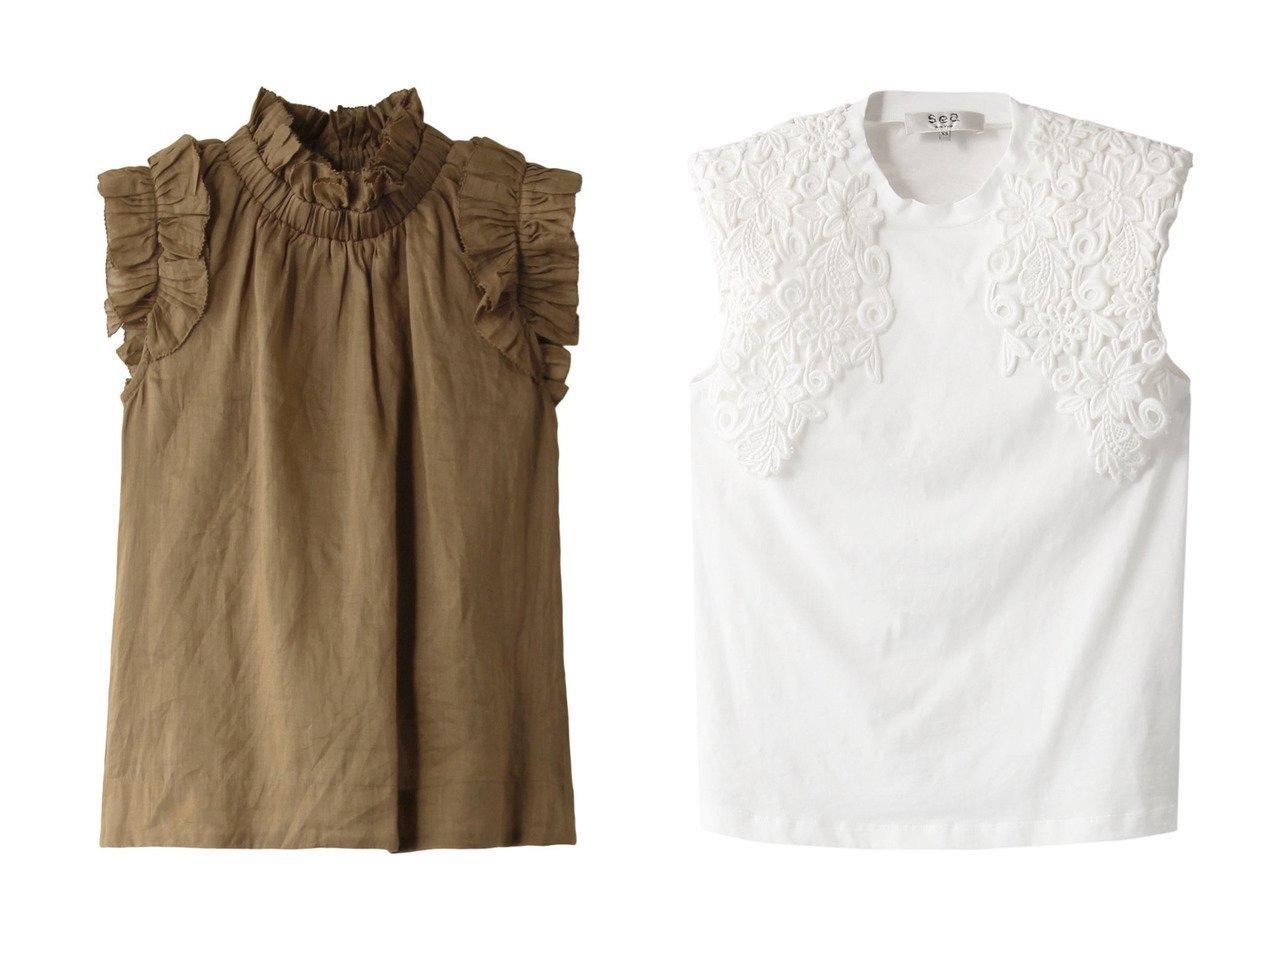 【Sea NEW YORK/シー ニューヨーク】のHattie ラミーフリルブラウス&Zandra レースアップリケTシャツ トップス・カットソーのおすすめ!人気、トレンド・レディースファッションの通販 おすすめで人気の流行・トレンド、ファッションの通販商品 メンズファッション・キッズファッション・インテリア・家具・レディースファッション・服の通販 founy(ファニー) https://founy.com/ ファッション Fashion レディースファッション WOMEN トップス Tops Tshirt キャミソール / ノースリーブ No Sleeves シャツ/ブラウス Shirts Blouses 帽子 Hats ロング / Tシャツ T-Shirts カットソー Cut and Sewn 2021年 2021 2021 春夏 S/S SS Spring/Summer 2021 S/S 春夏 SS Spring/Summer ノースリーブ フリル 春 Spring |ID:crp329100000013102